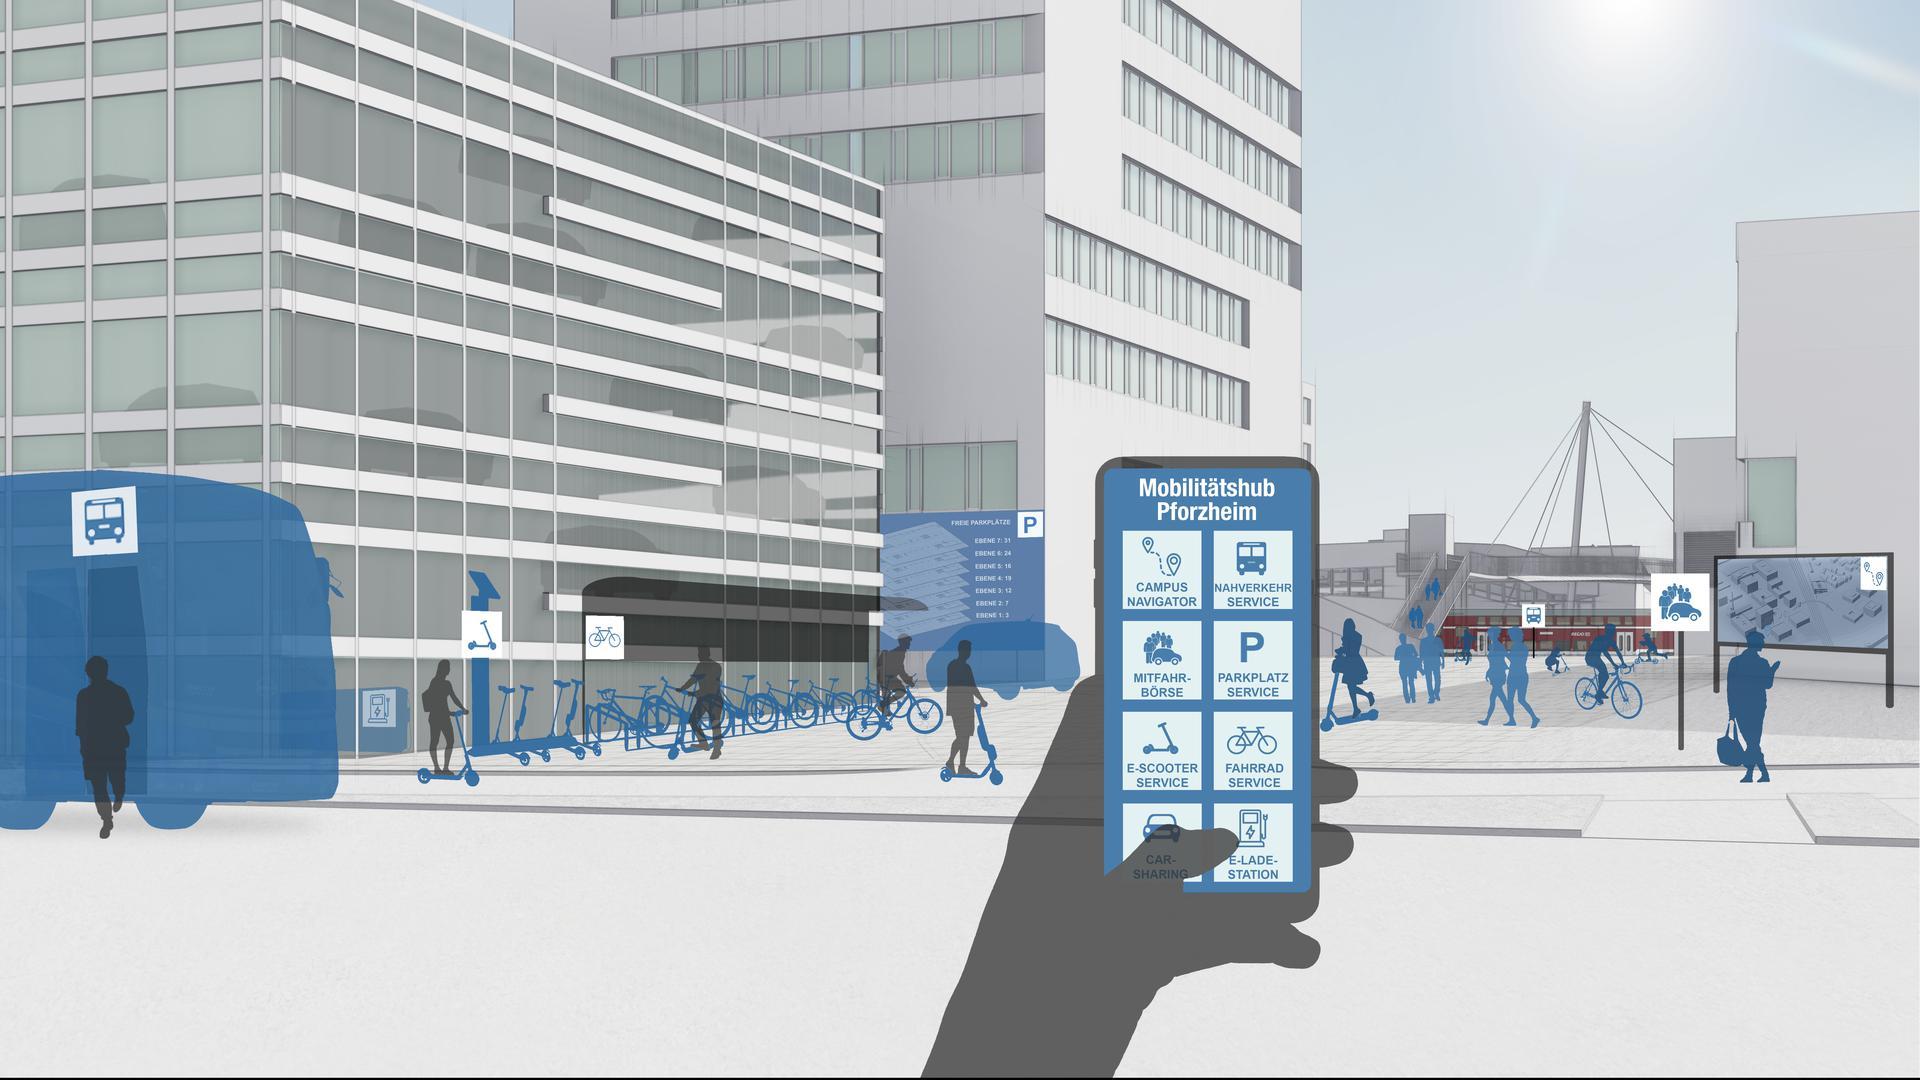 Animation zum Thema Mobilitätshub von Fraunhofer